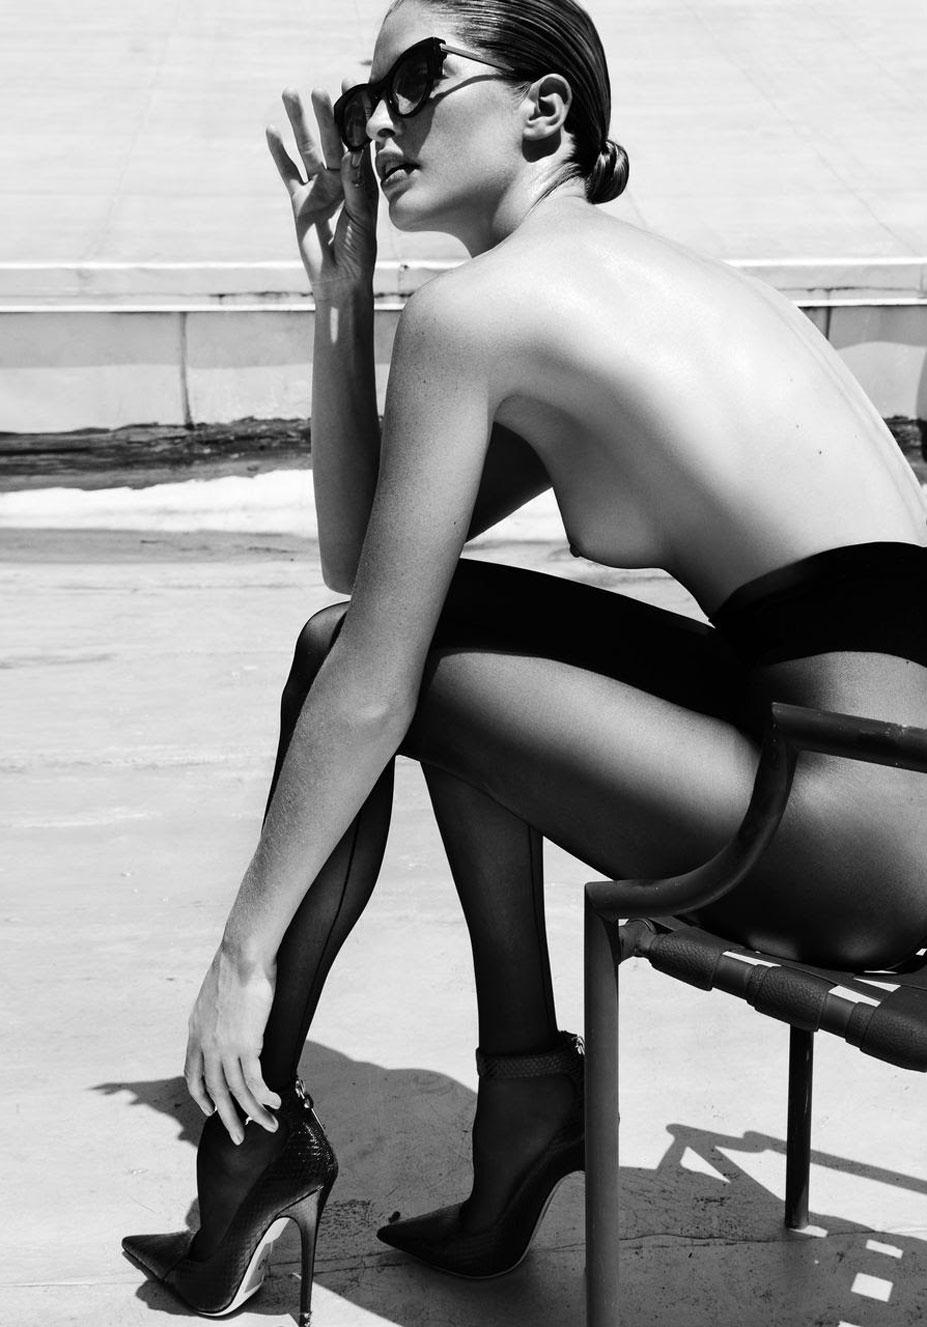 подборка фотографий сексуальных голых девушек - Heide Lindgren